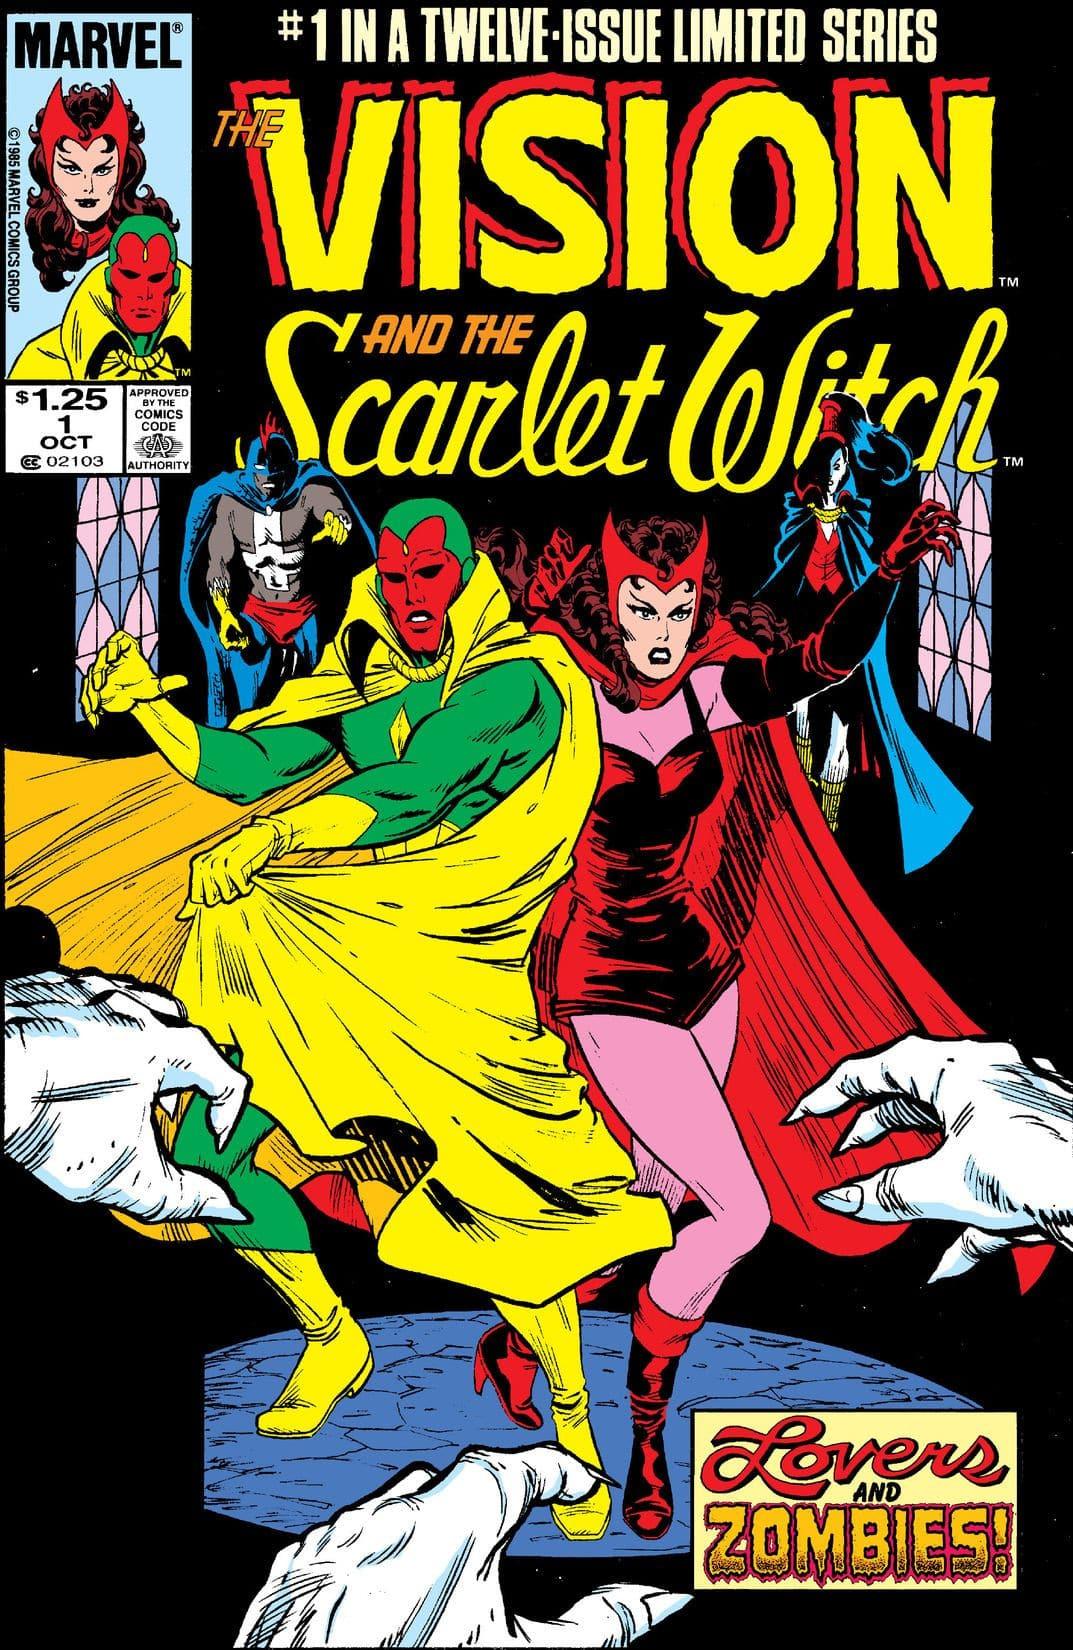 8 cómics que tienes que leer antes de ver WandaVision. Vision and the Scarlet Witch Vol 2 N1